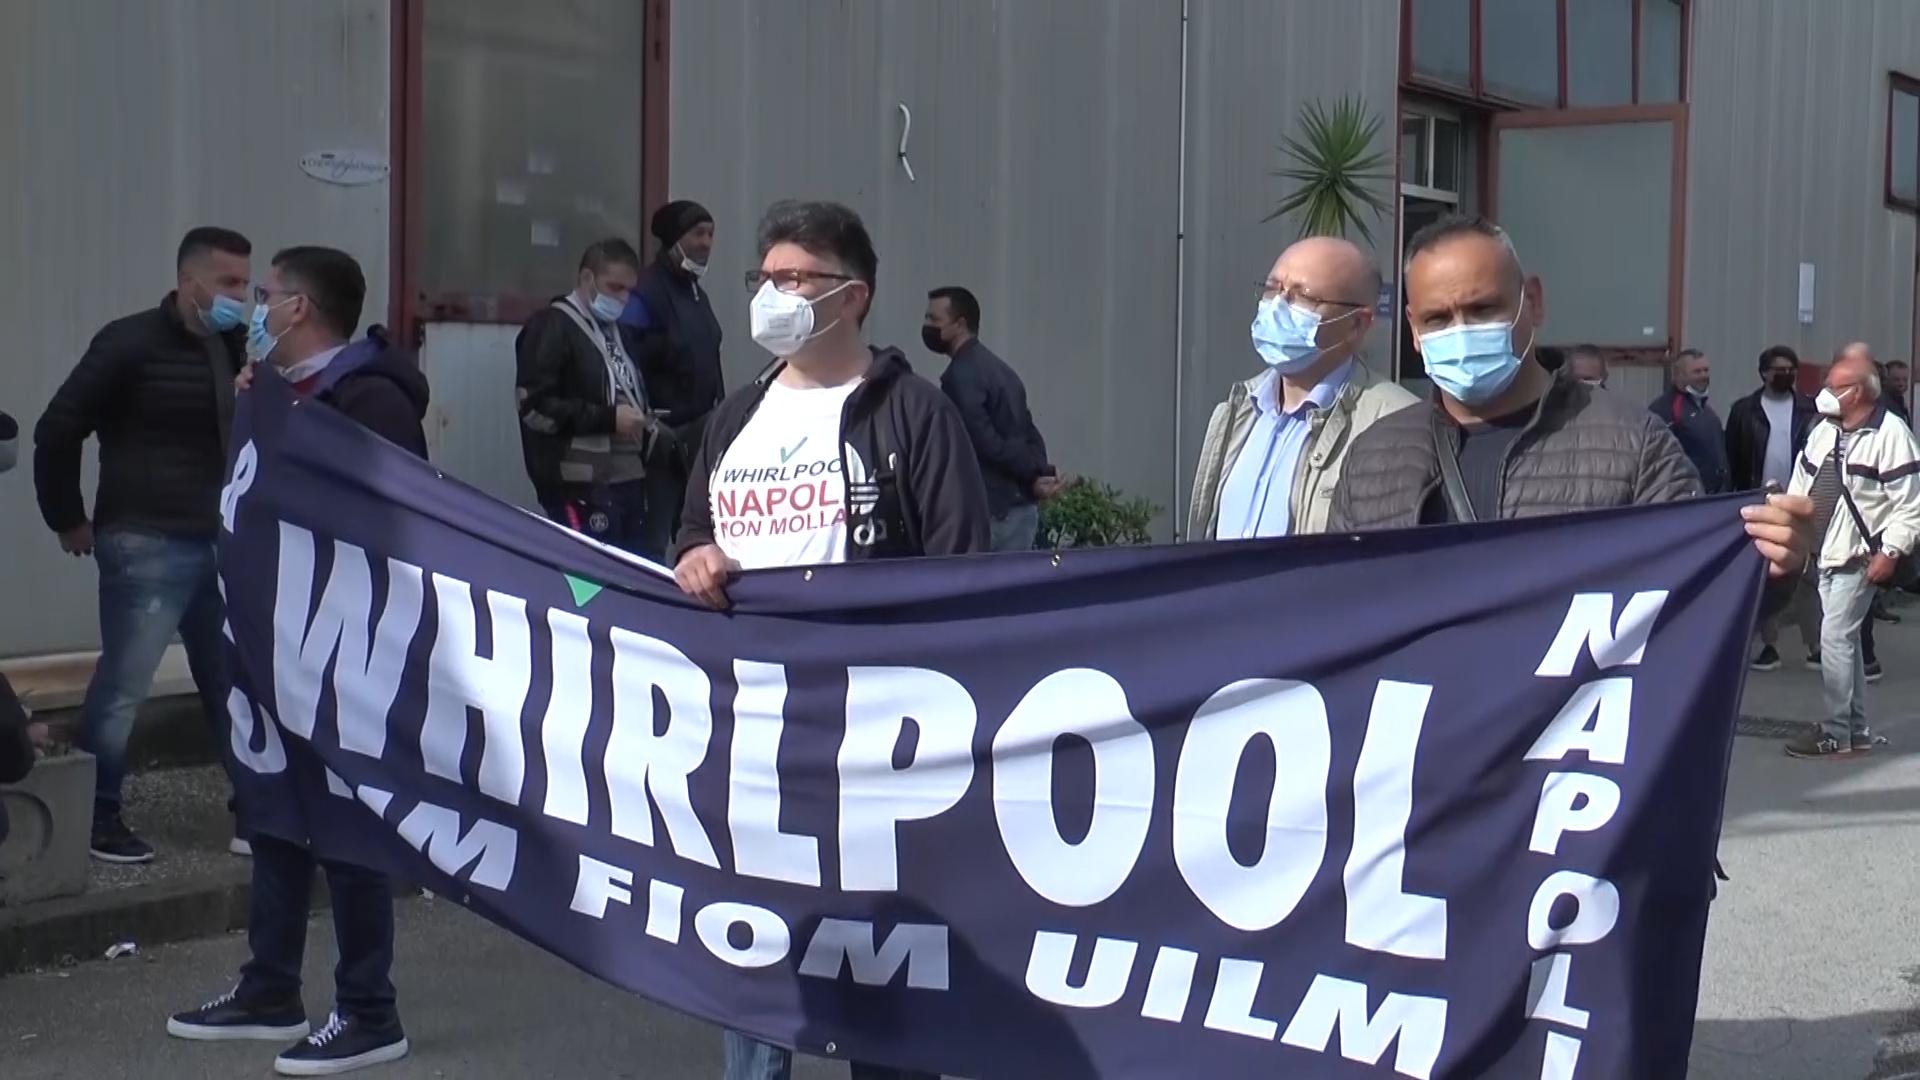 Operai Whirlpool in protesta mobilitazione in atto